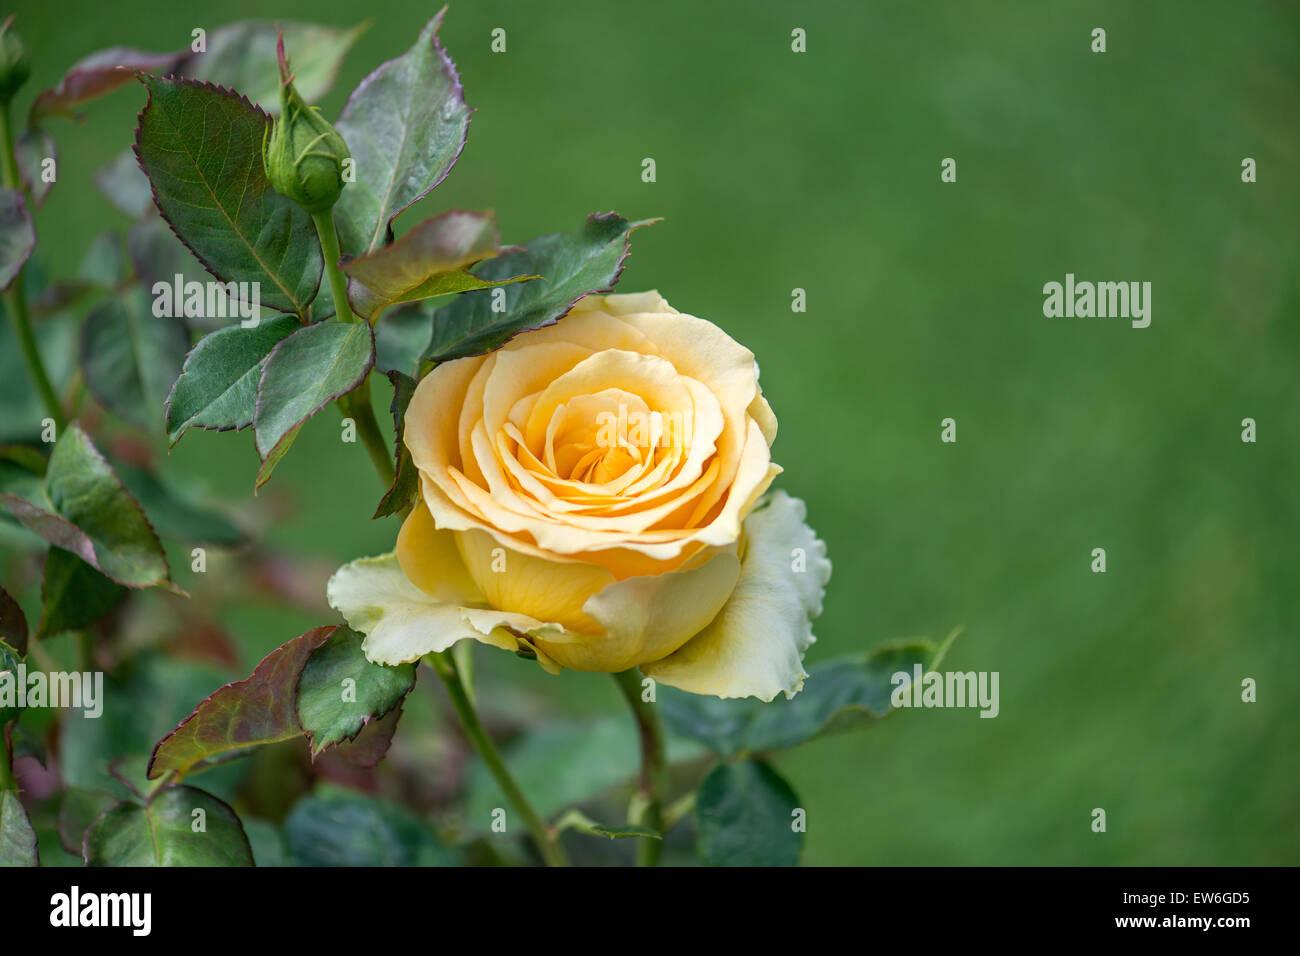 Yellow Rose [Honey Dijon] Stock Photo